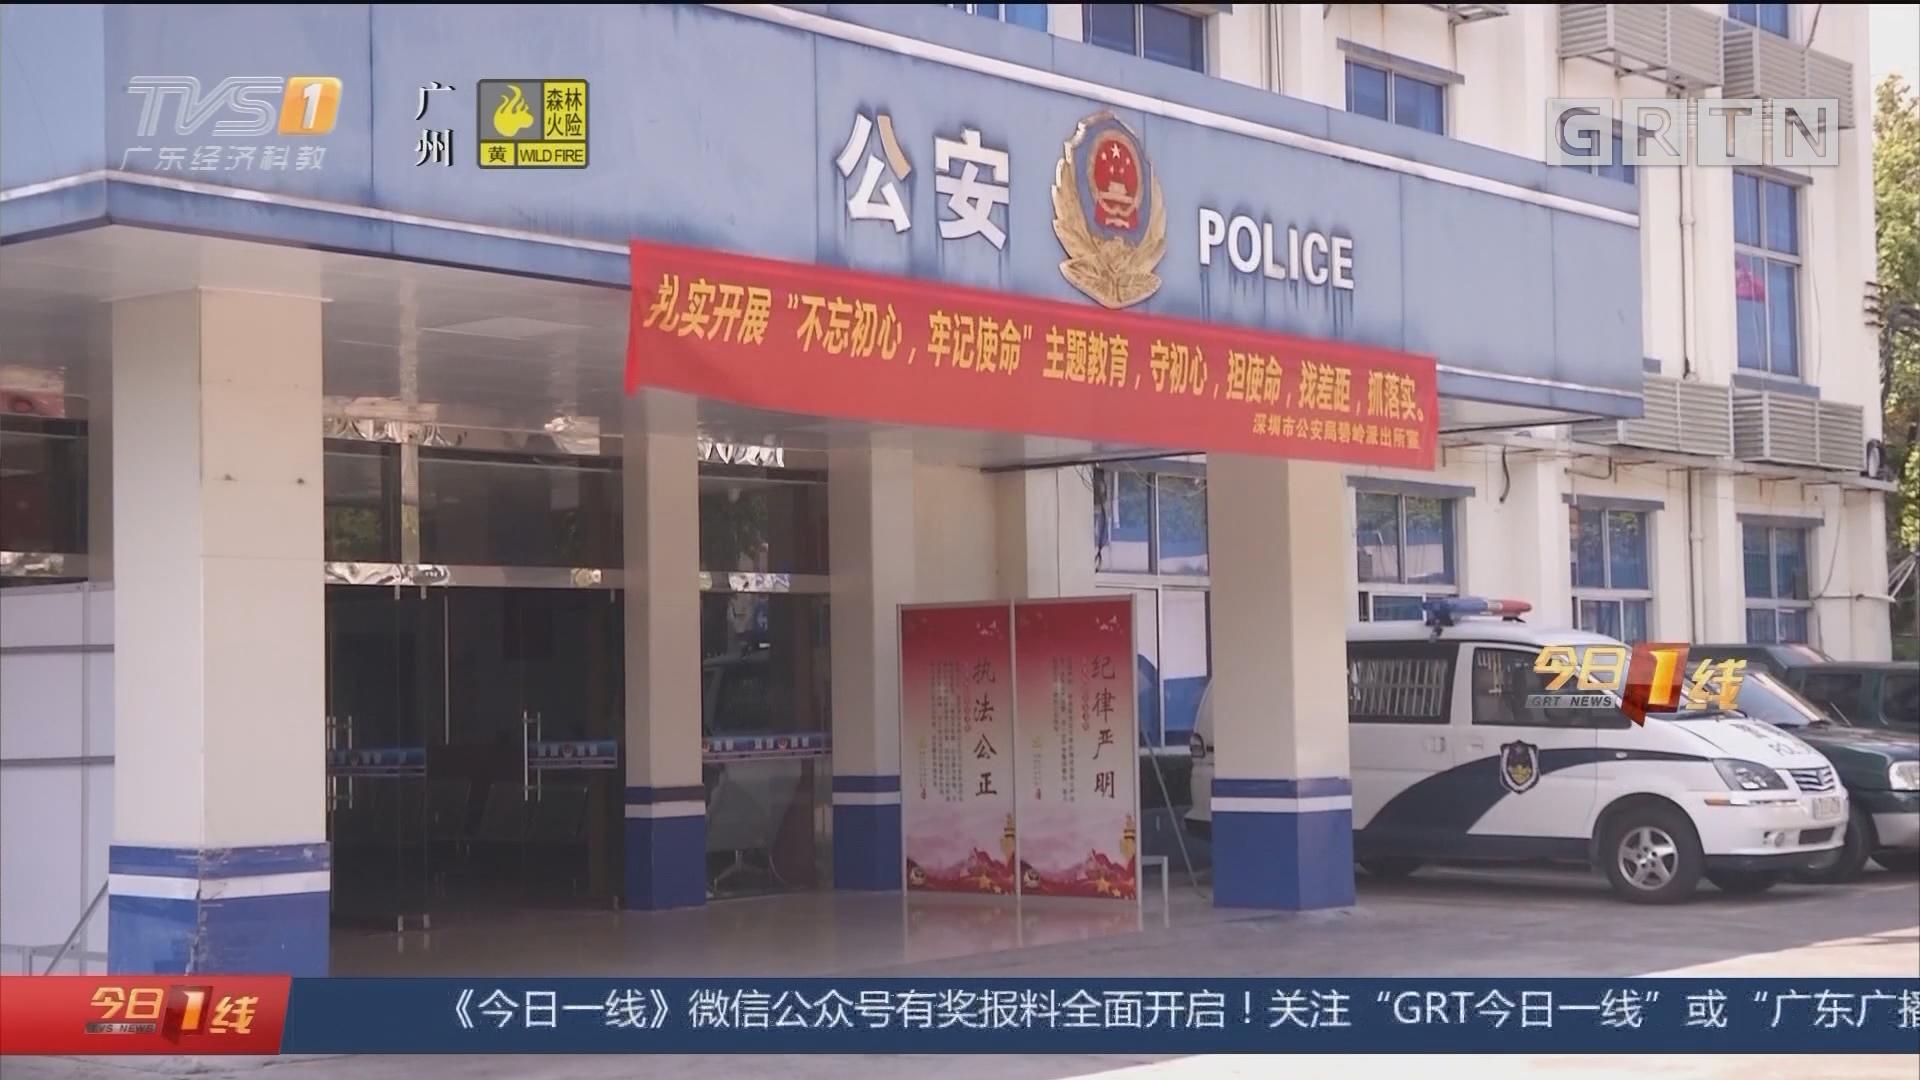 深圳坪山新区:女主播传播淫秽视频遭举报 民警千里追缉